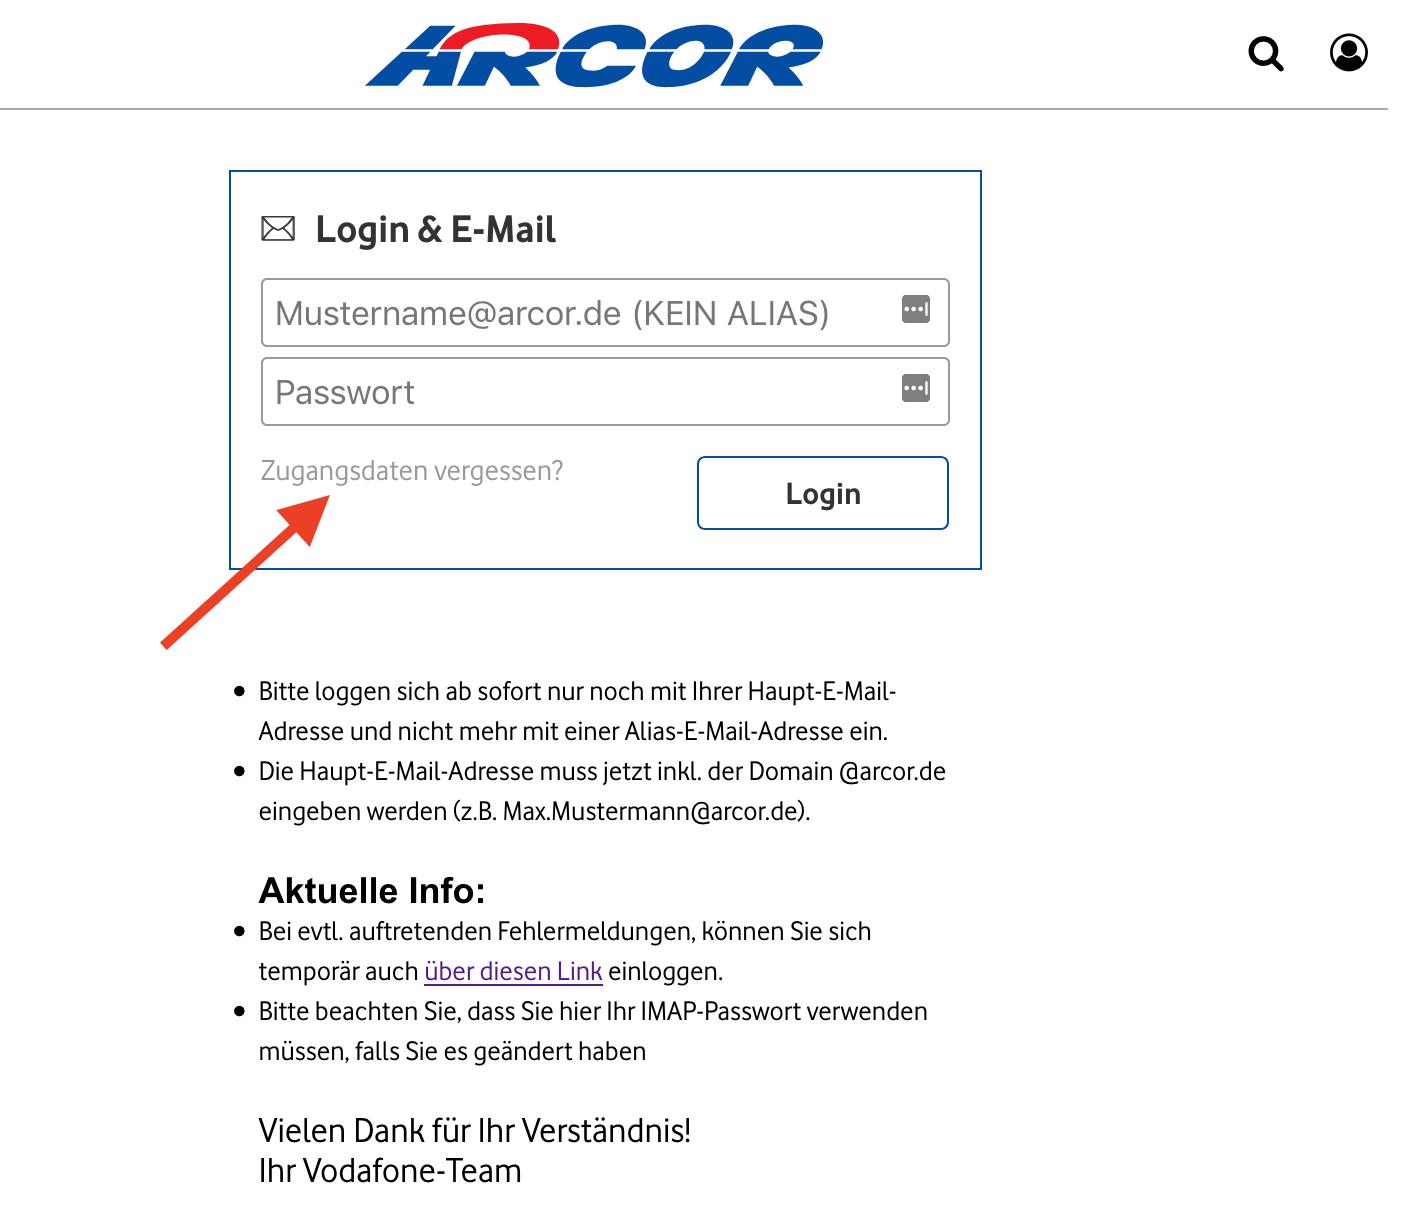 arcor login zugang zu arcor e mail und account per login. Black Bedroom Furniture Sets. Home Design Ideas